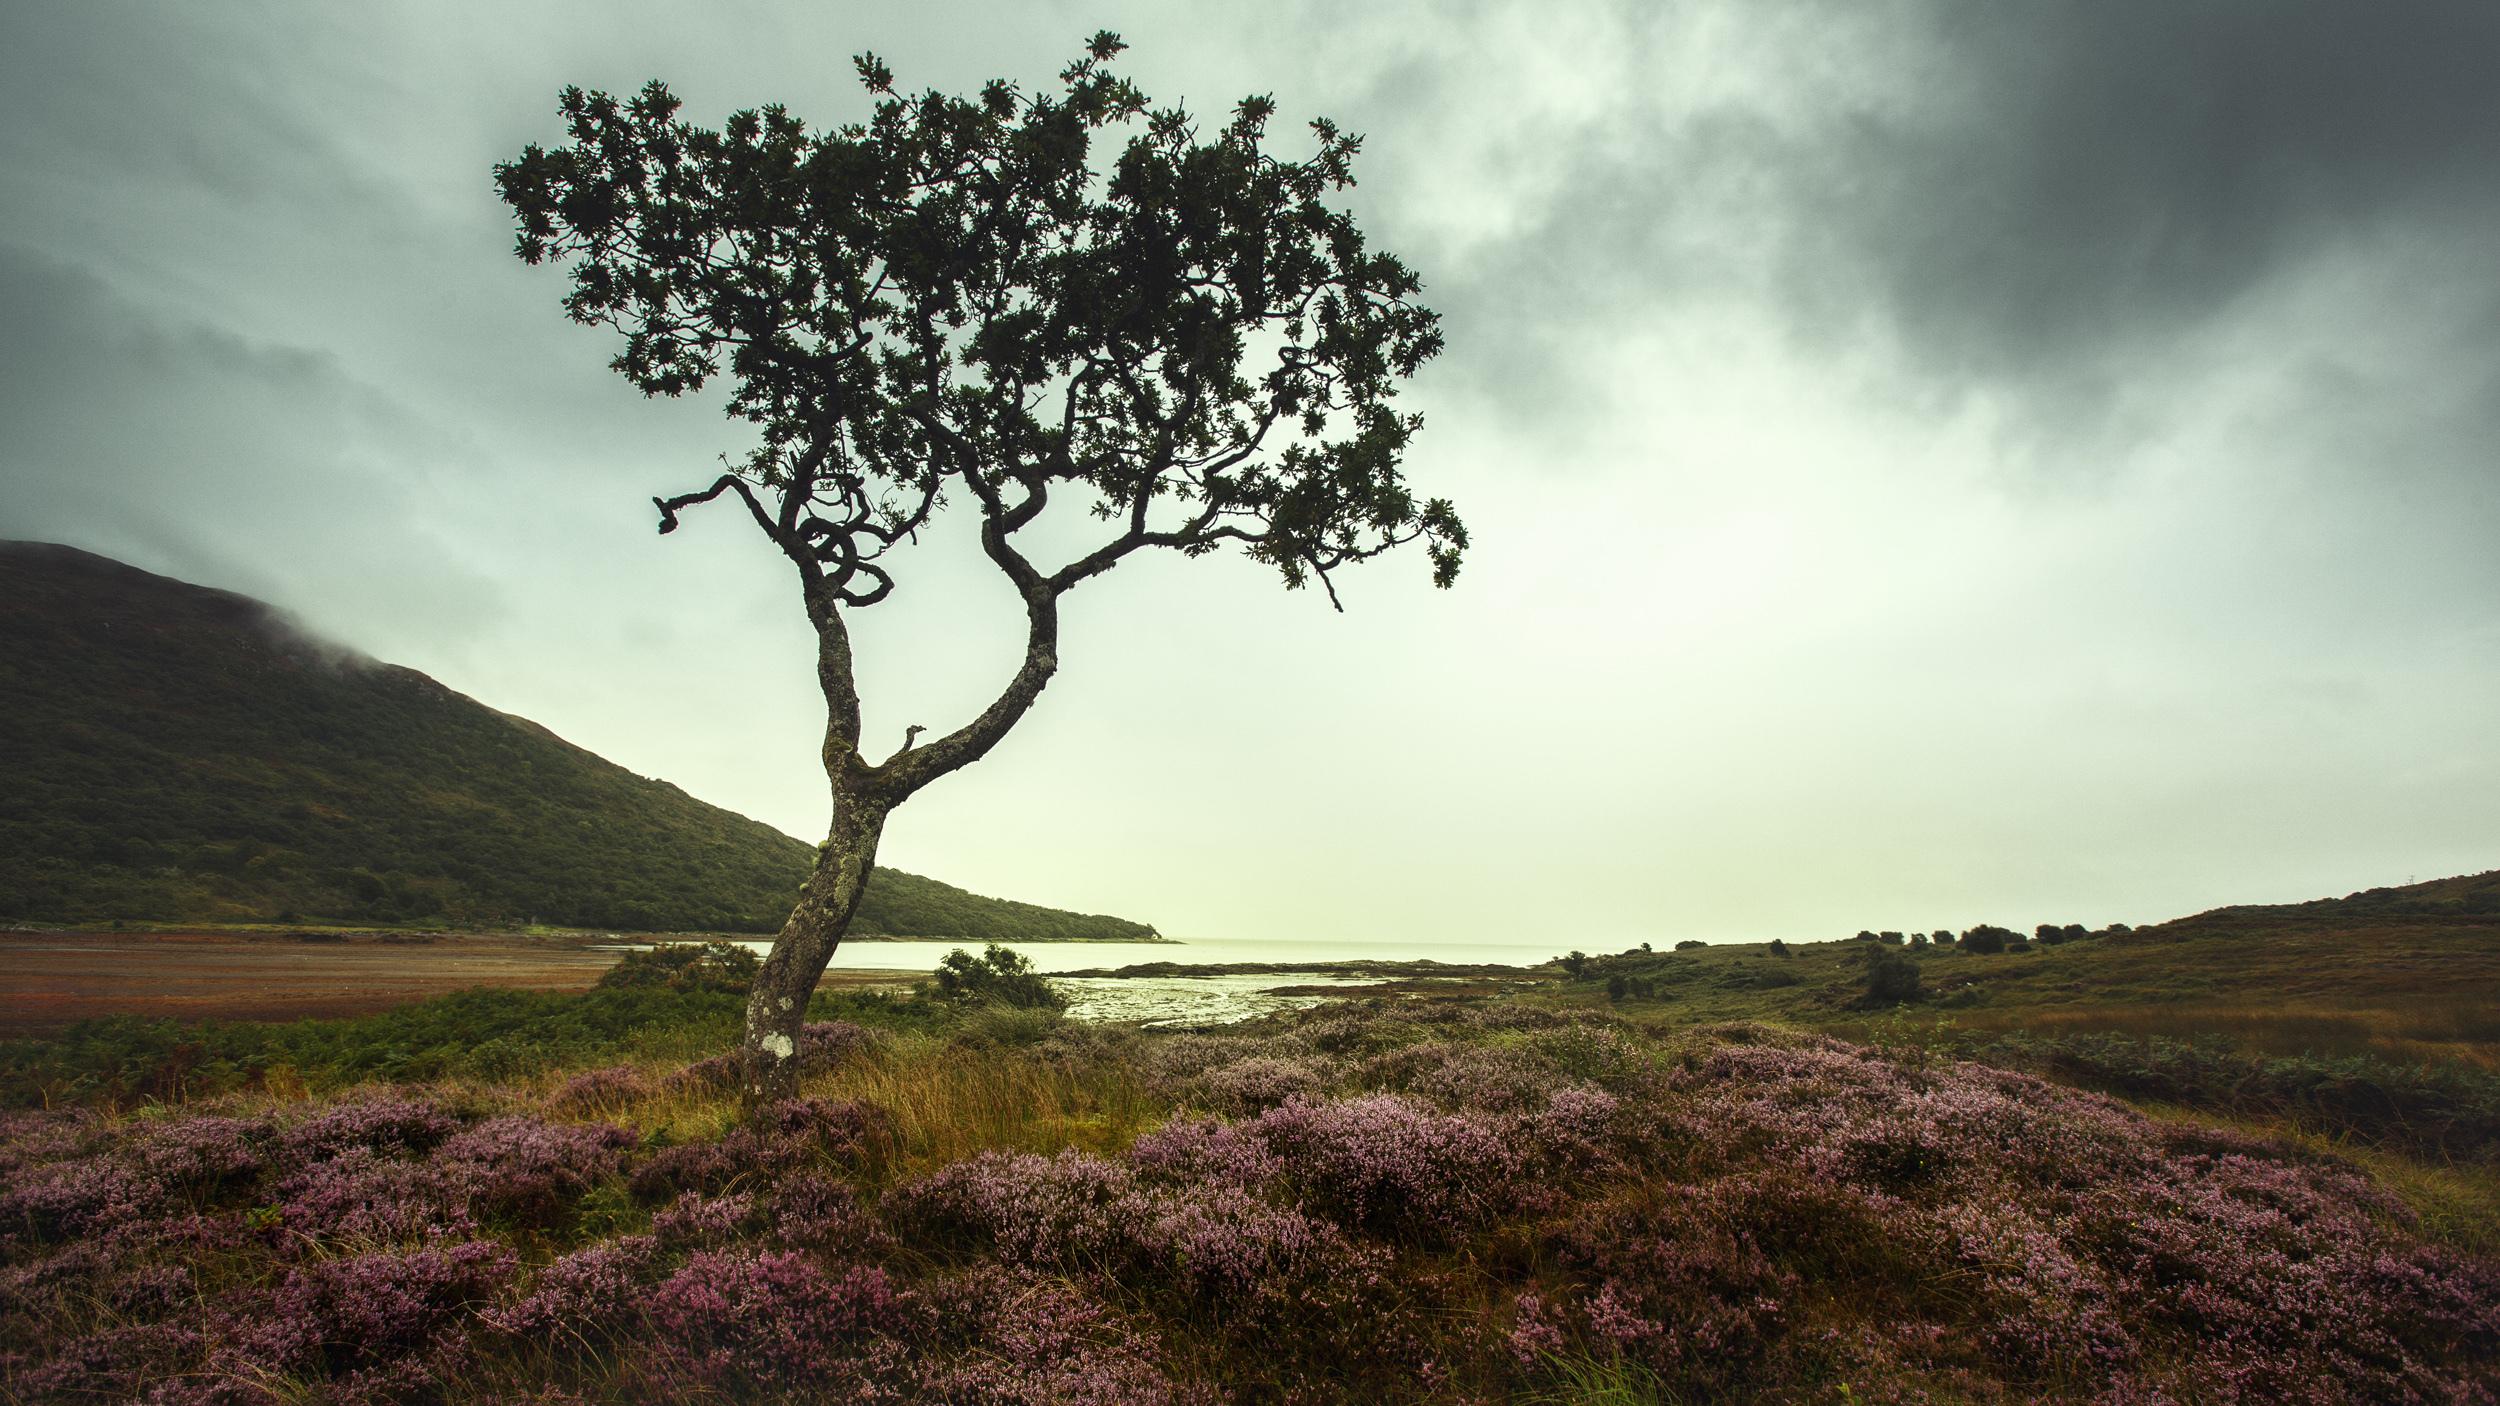 loch-tree1elb8.jpg